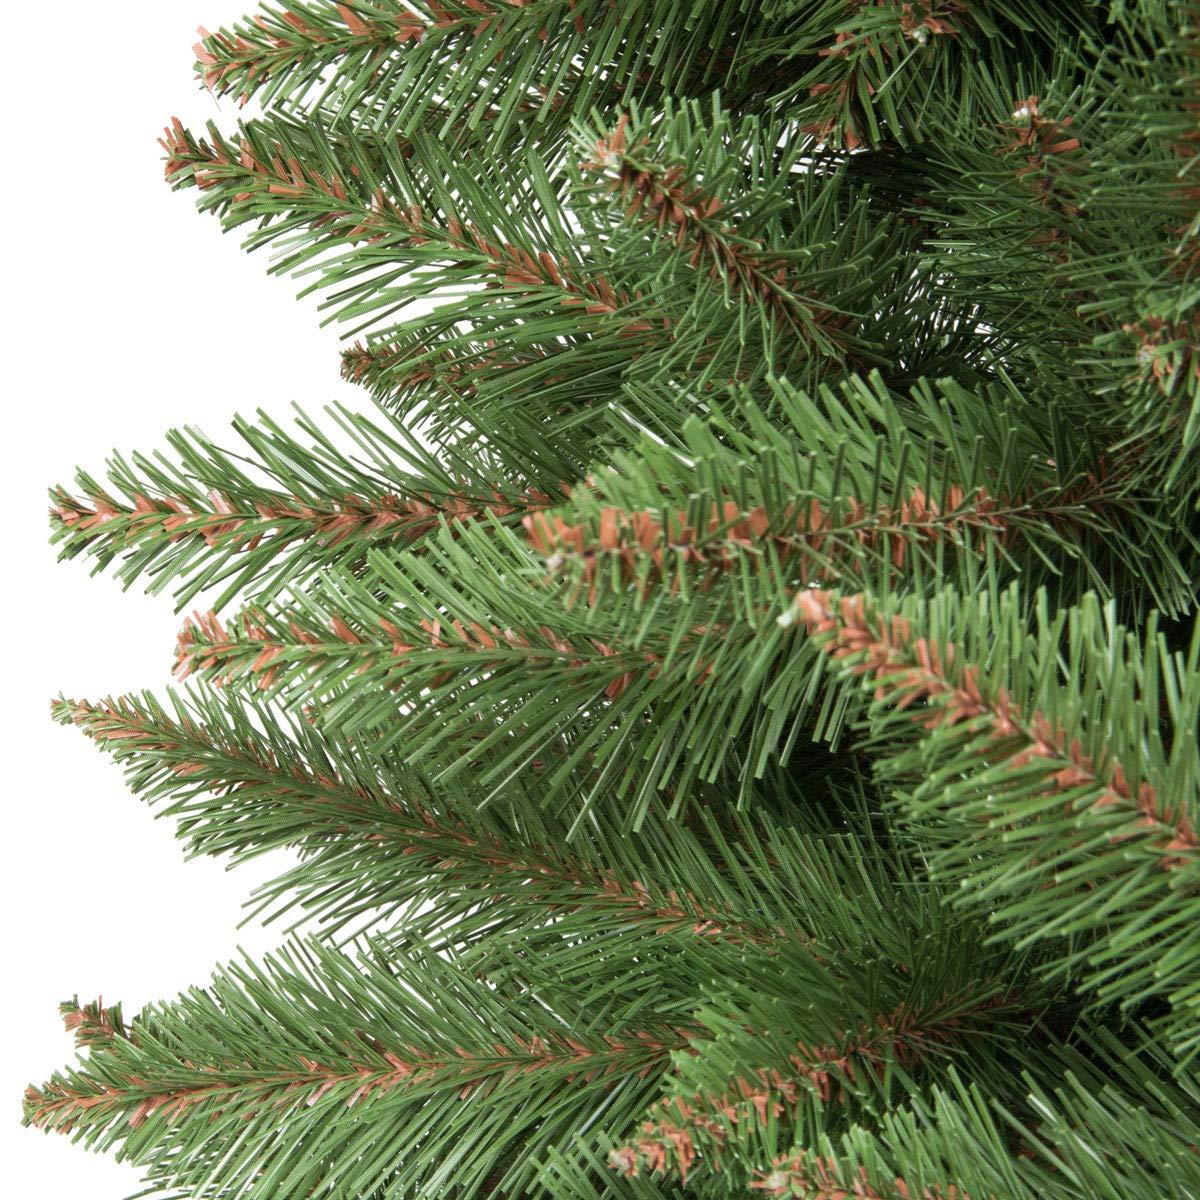 FairyTrees Künstlicher Weihnachtsbaum FICHTE Natur, Baumstamm Grün,  Material PVC, Inkl. Metallständer, 150cm Baumstamm Grün Inkl. Metallständer